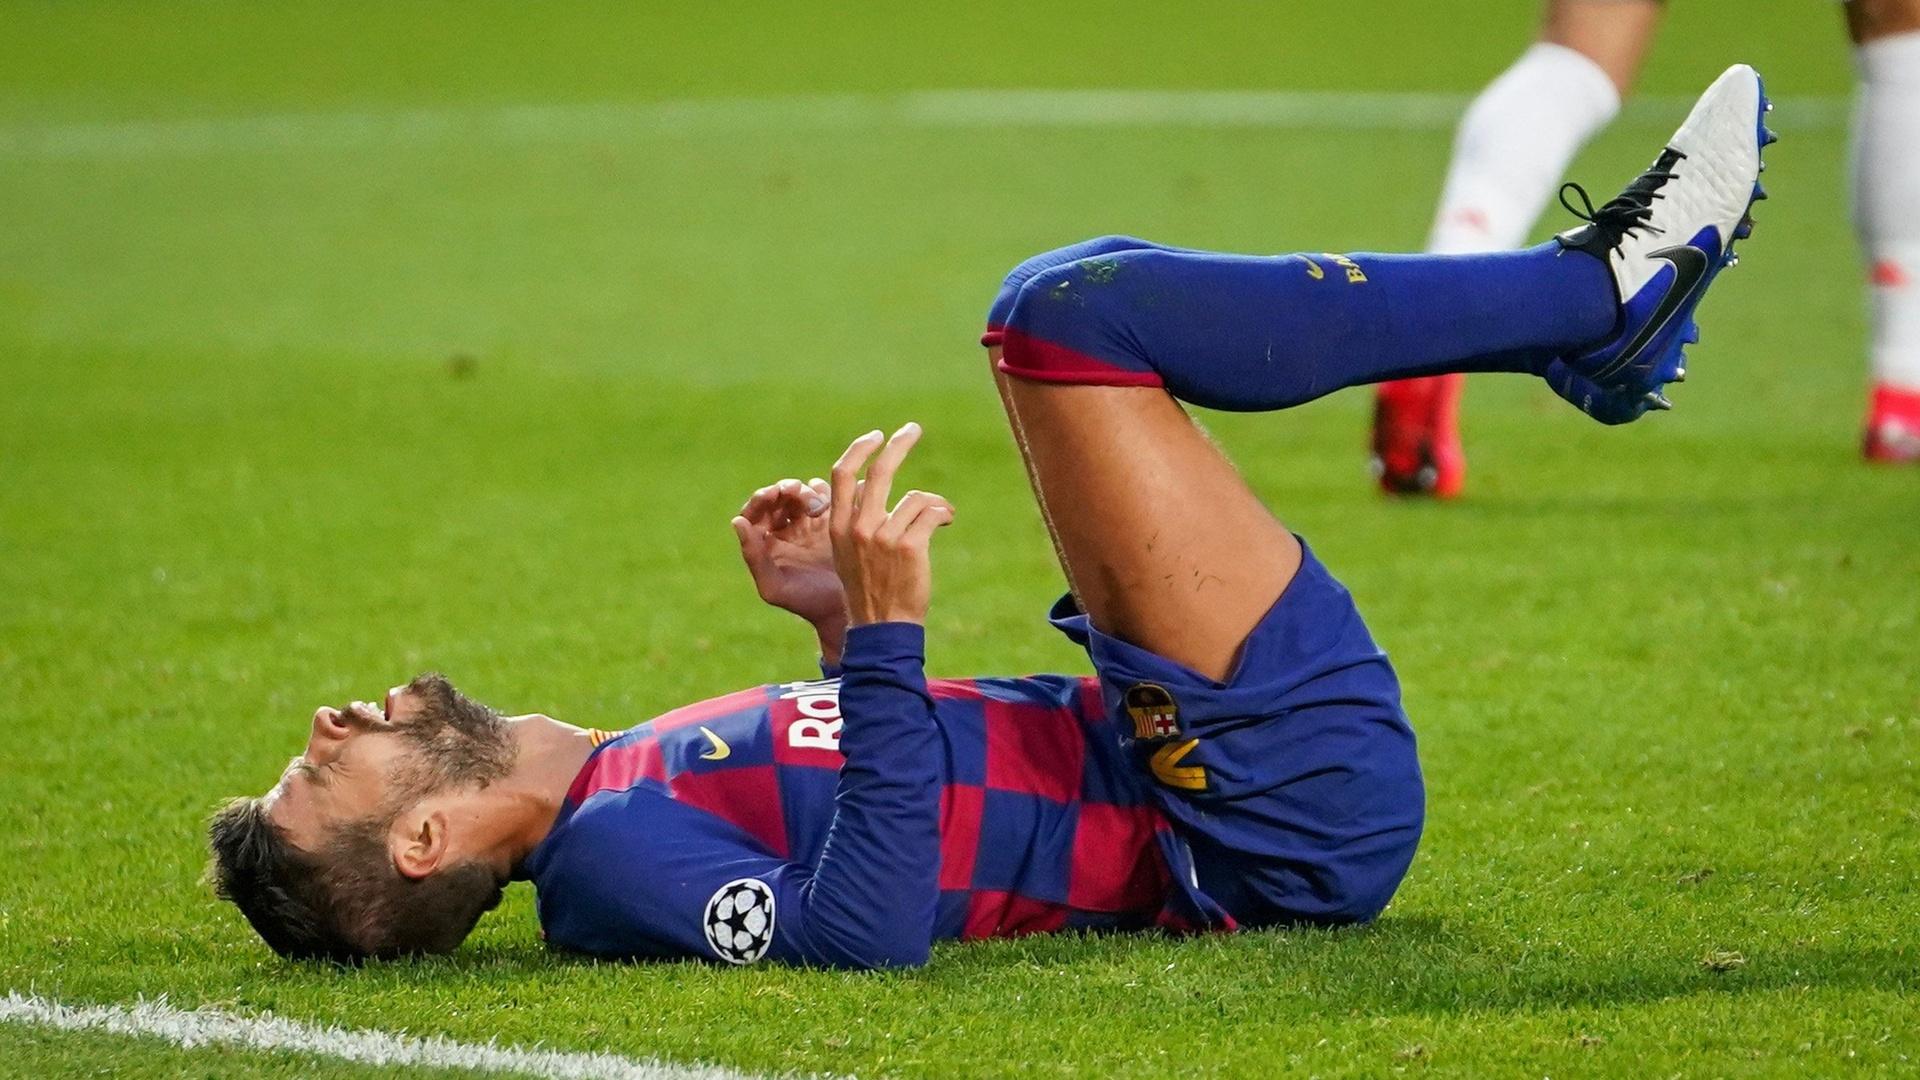 بيكيه: مستعد للرحيل عن برشلونة لإنقاذ الفريق (فيديو)